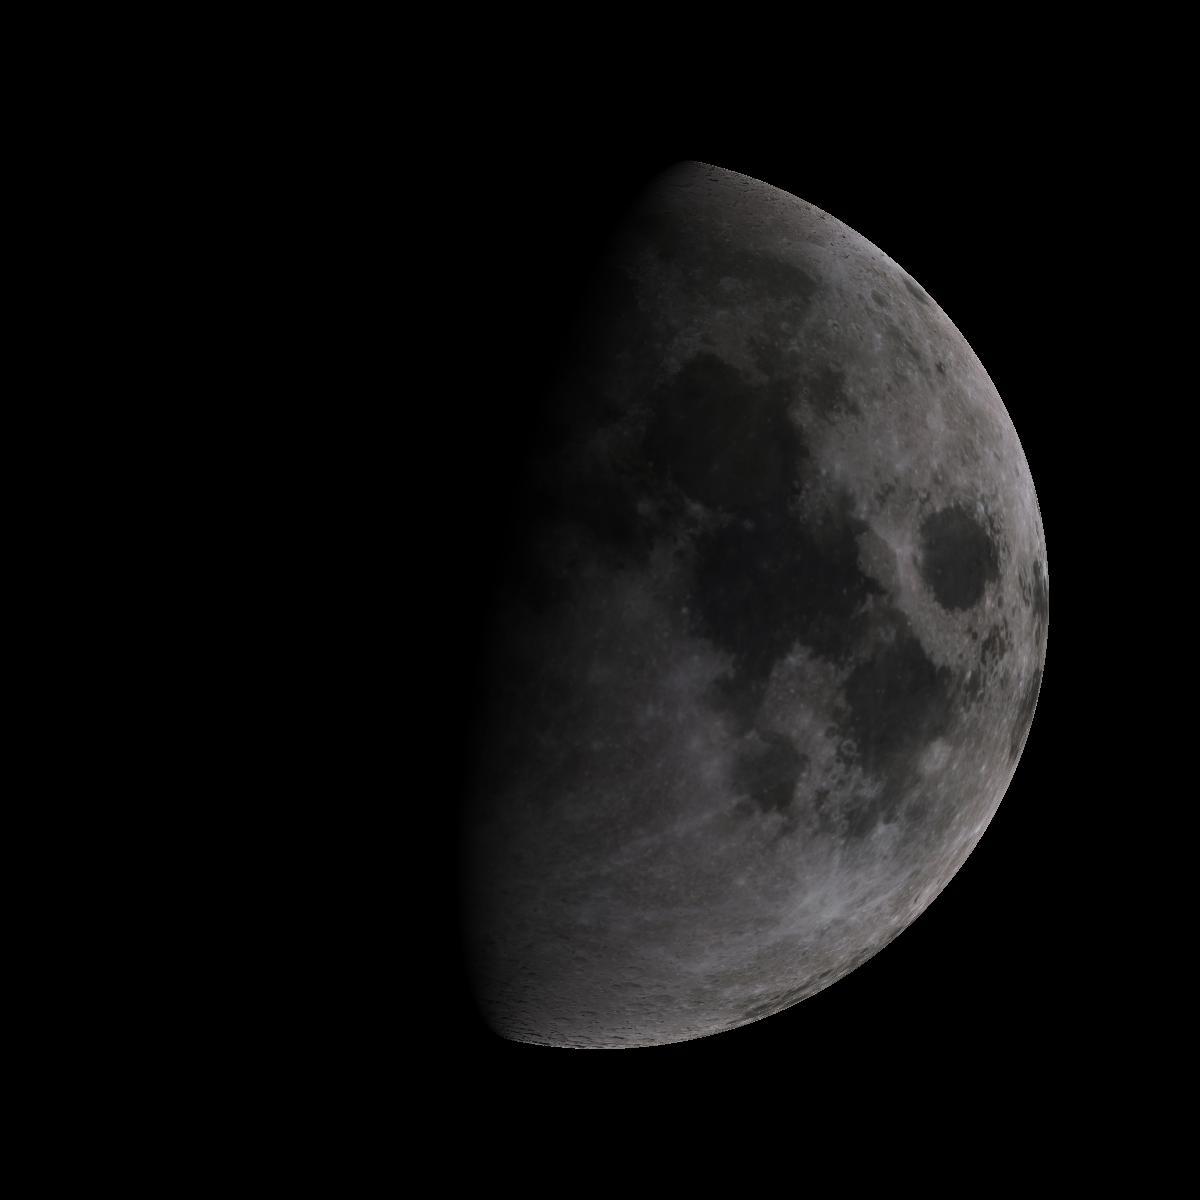 Lune du 7 octobre 2019